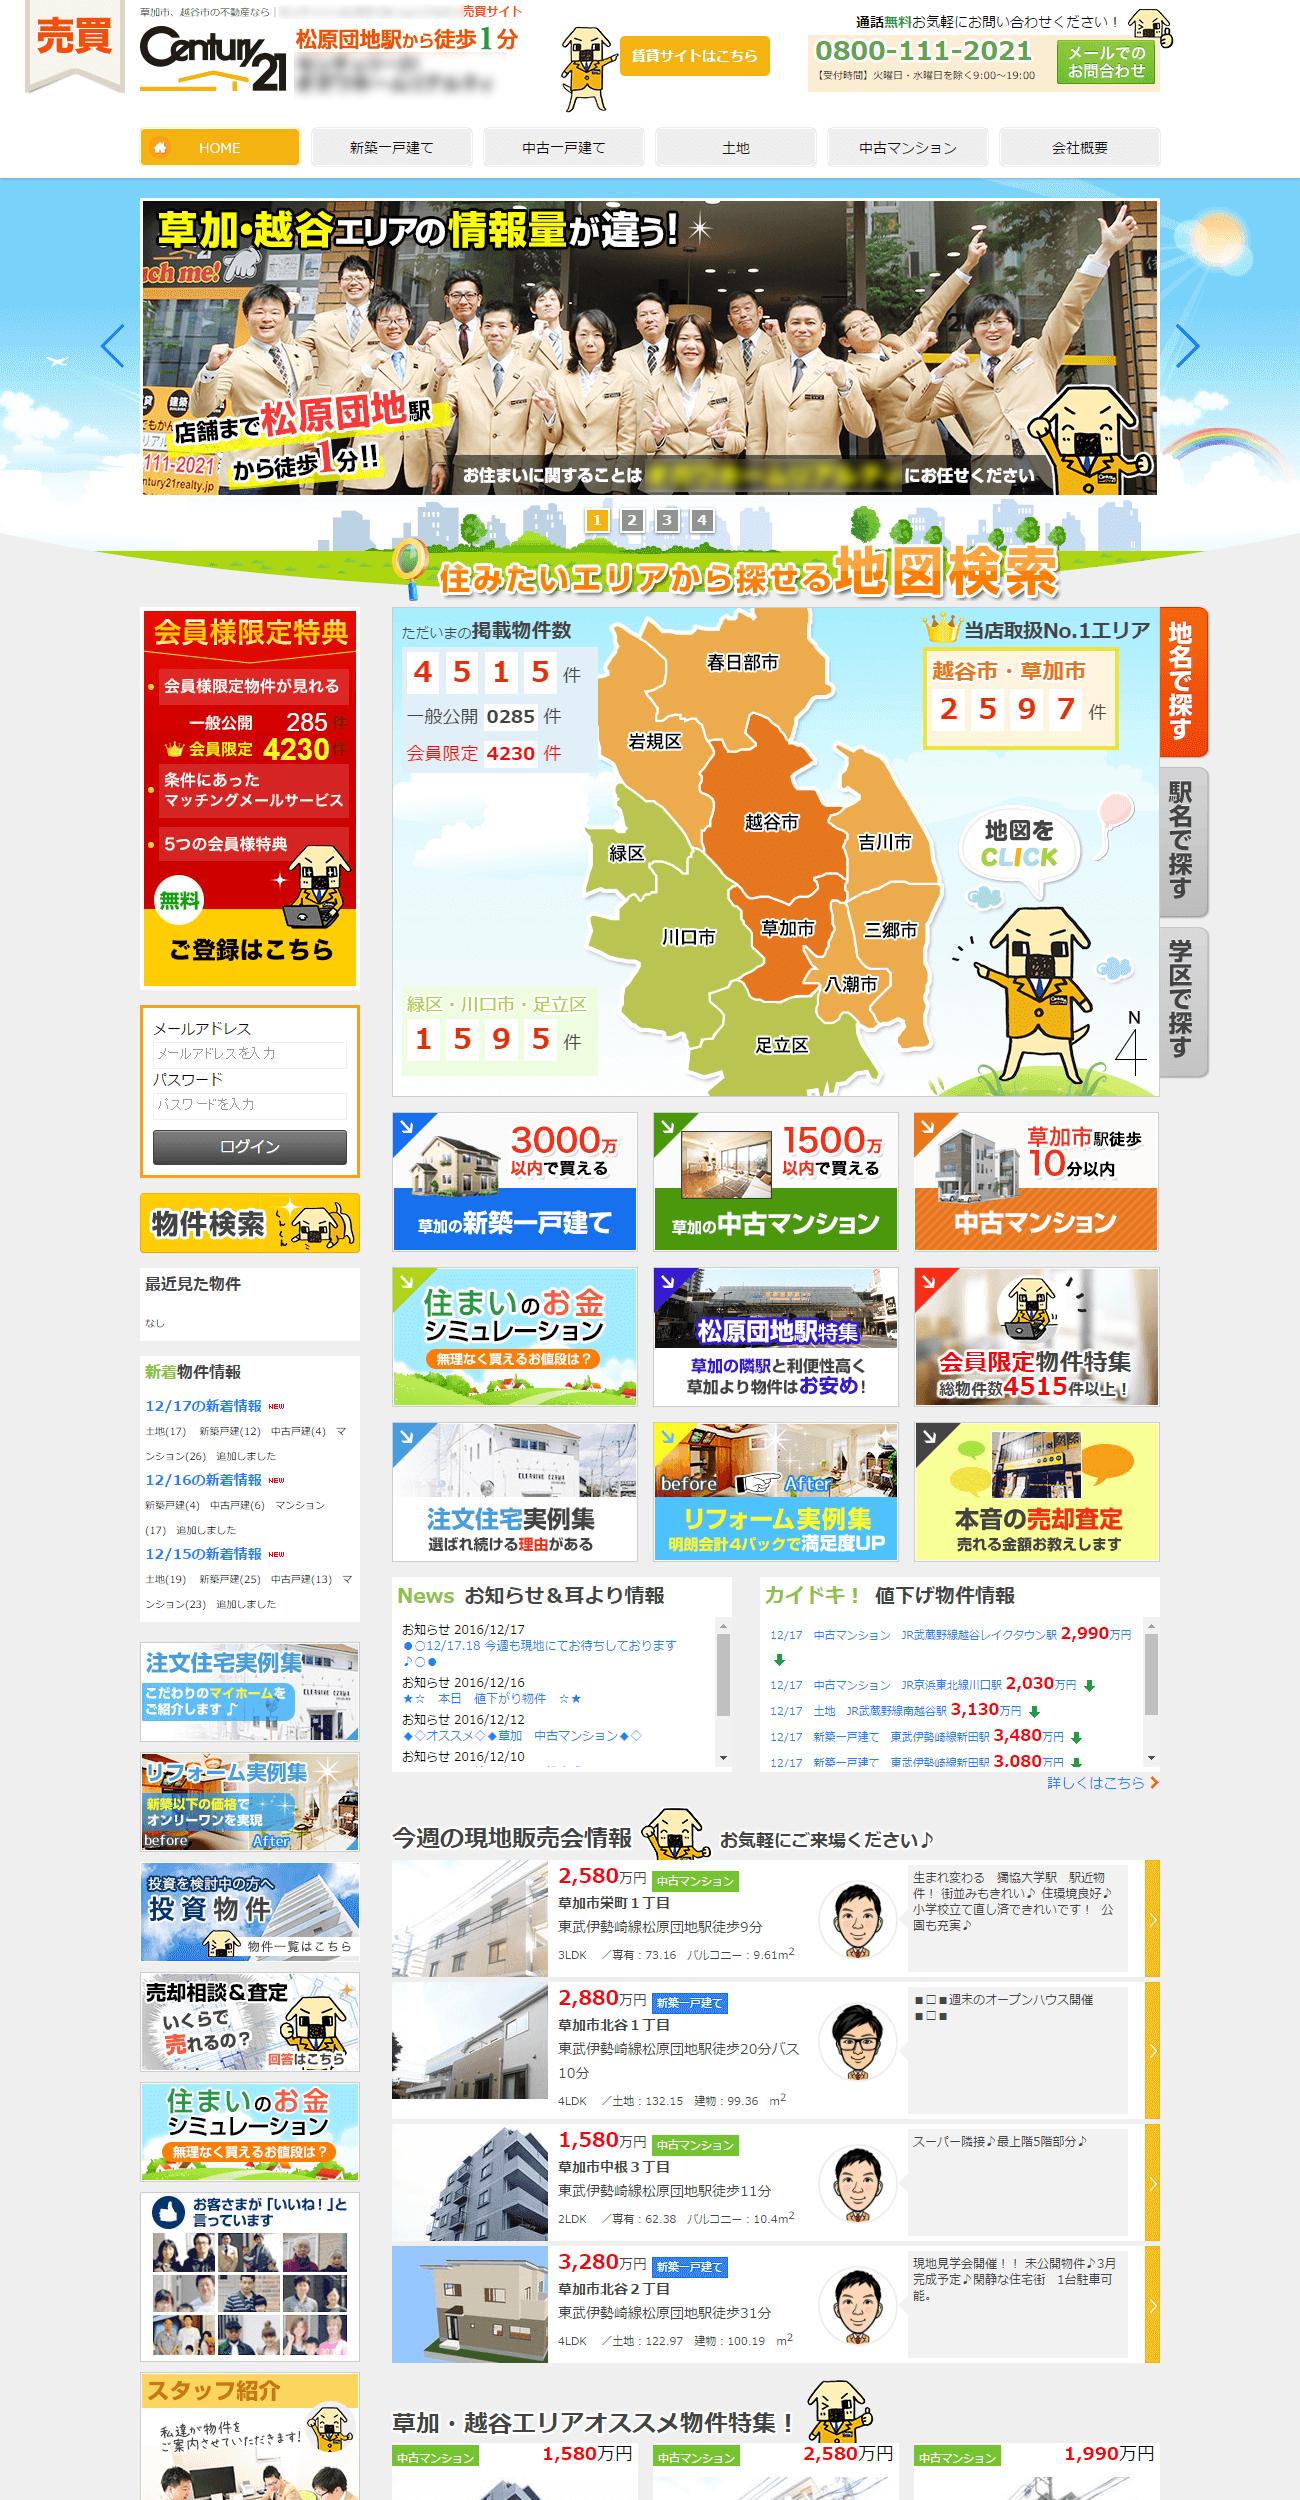 センチュリー21加盟店の不動産会社様(売買サイト)